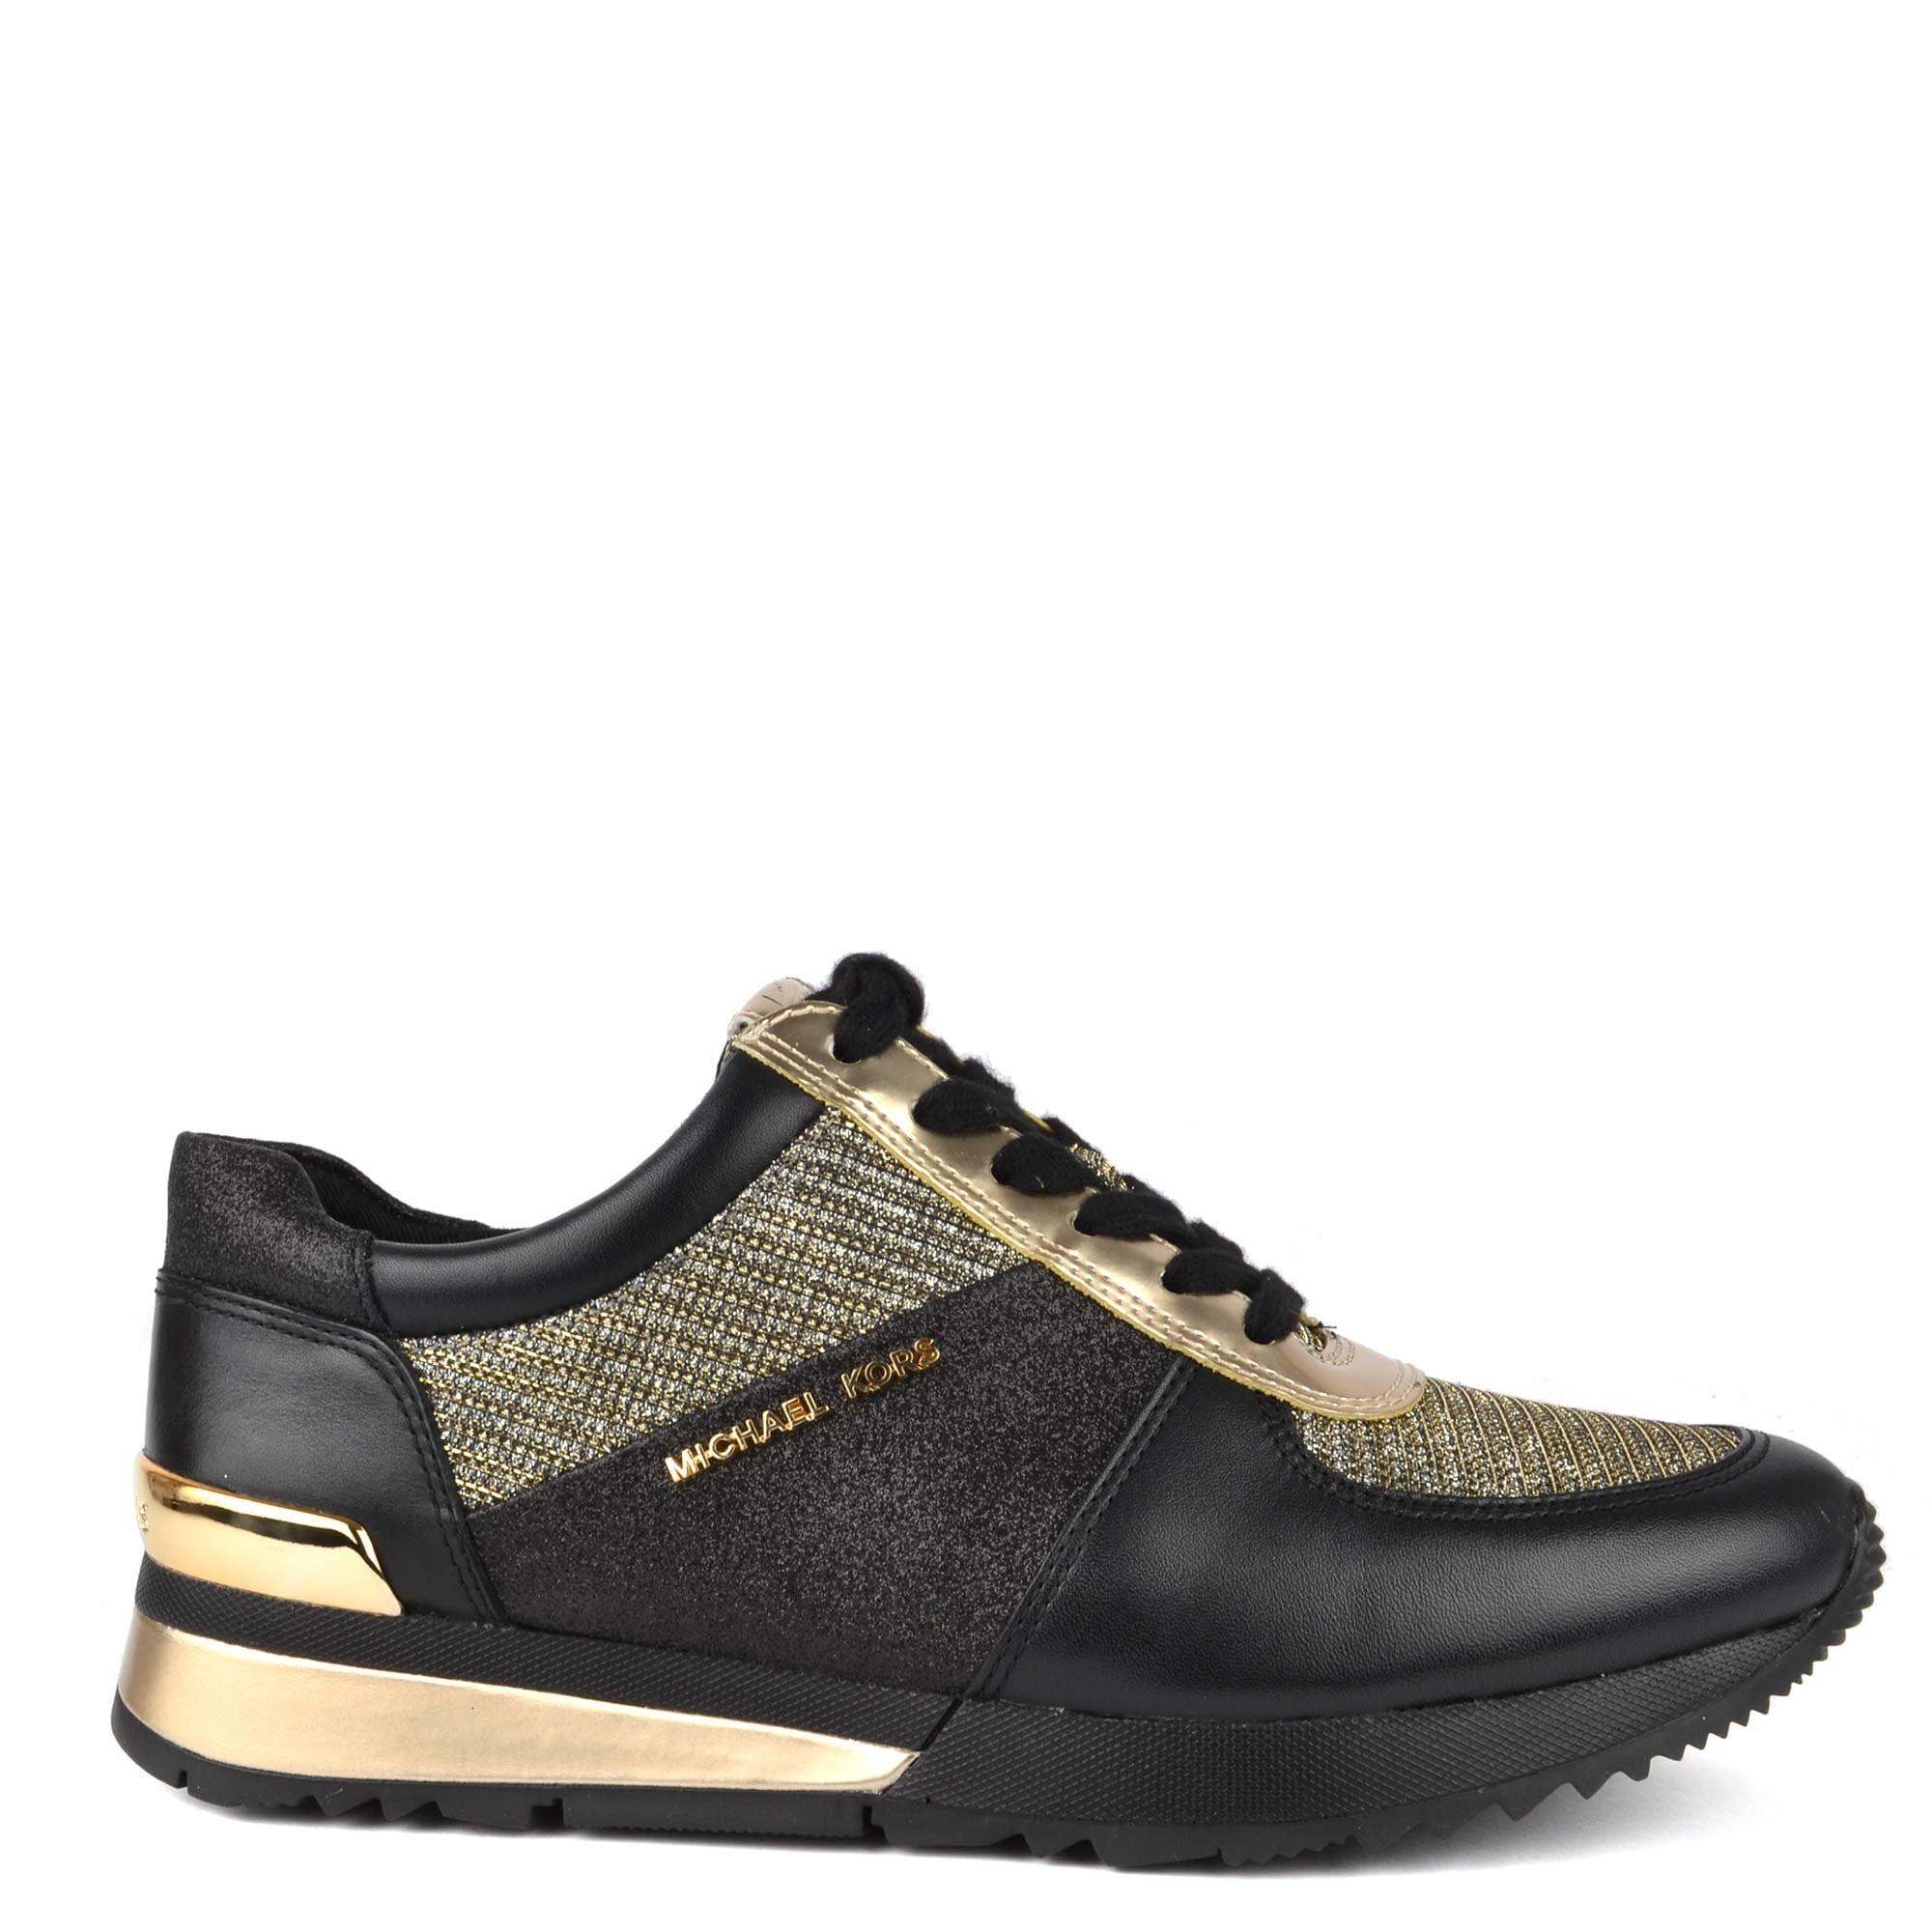 michael kors allie sneakers black